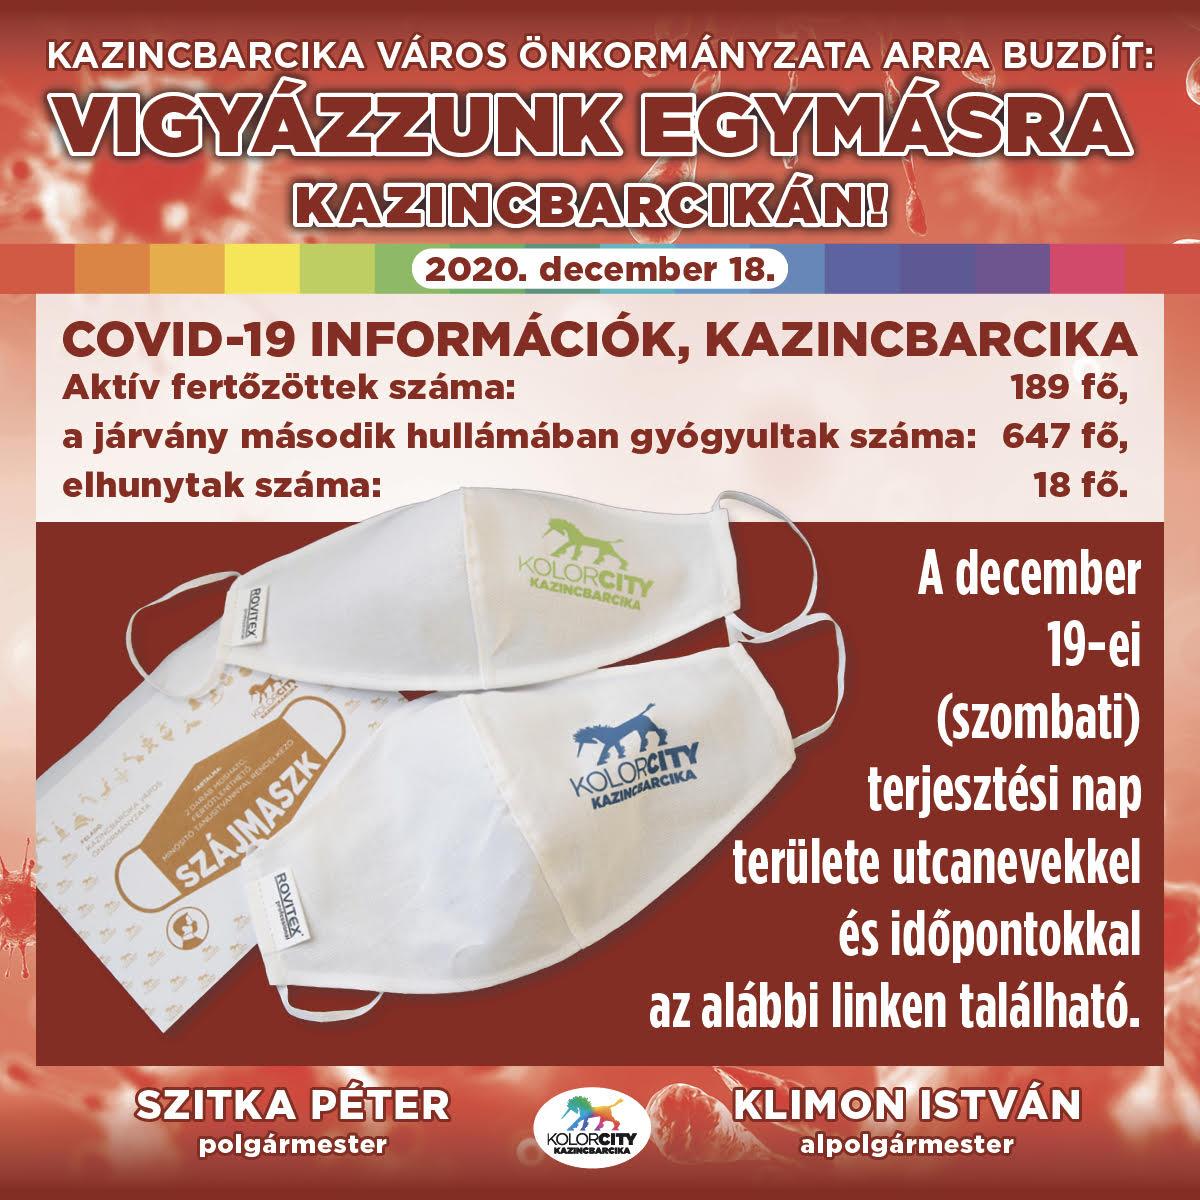 https://kolorline.hu/Vigyázzunk egymásra Kazincbarcikán! – 2020. december 18.